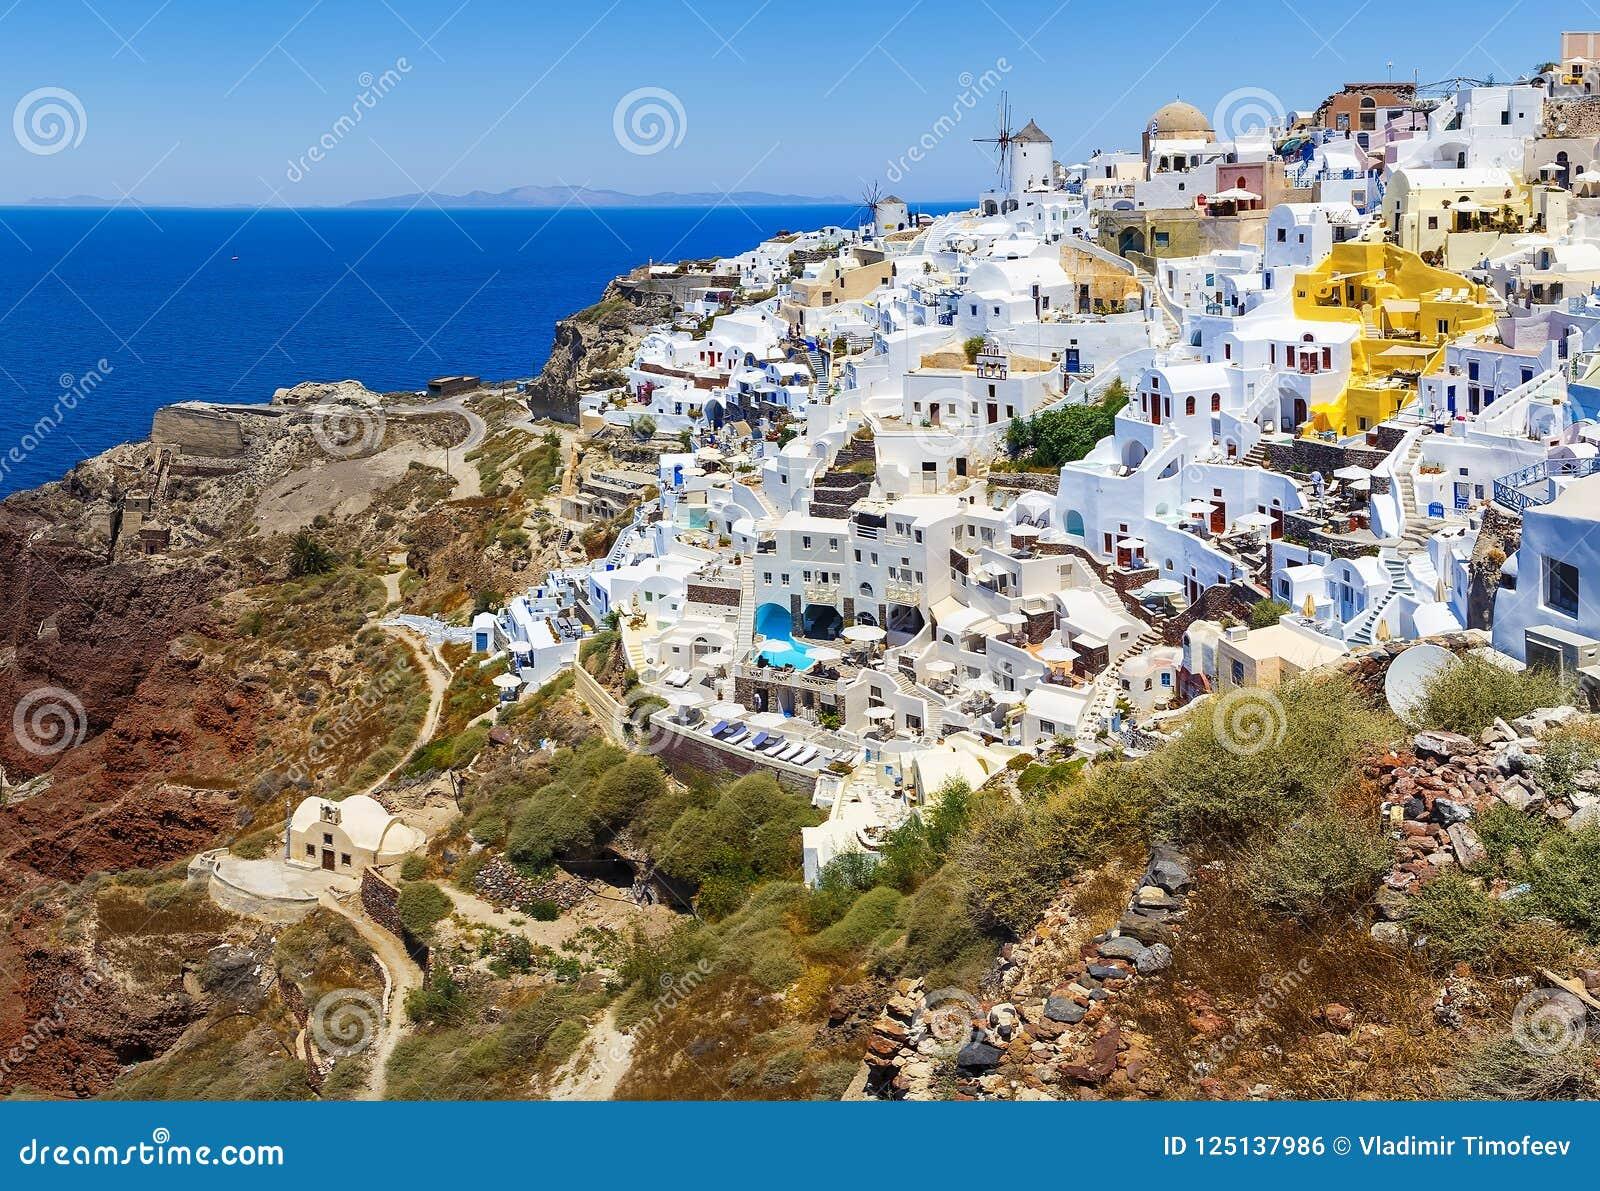 Ζαλίζοντας, κατάπληξης και όμορφου κλασική αρχιτεκτονική λευκού και χρώματος καραμέλας ελληνική με τους απίστευτους ανεμόμυλους σ